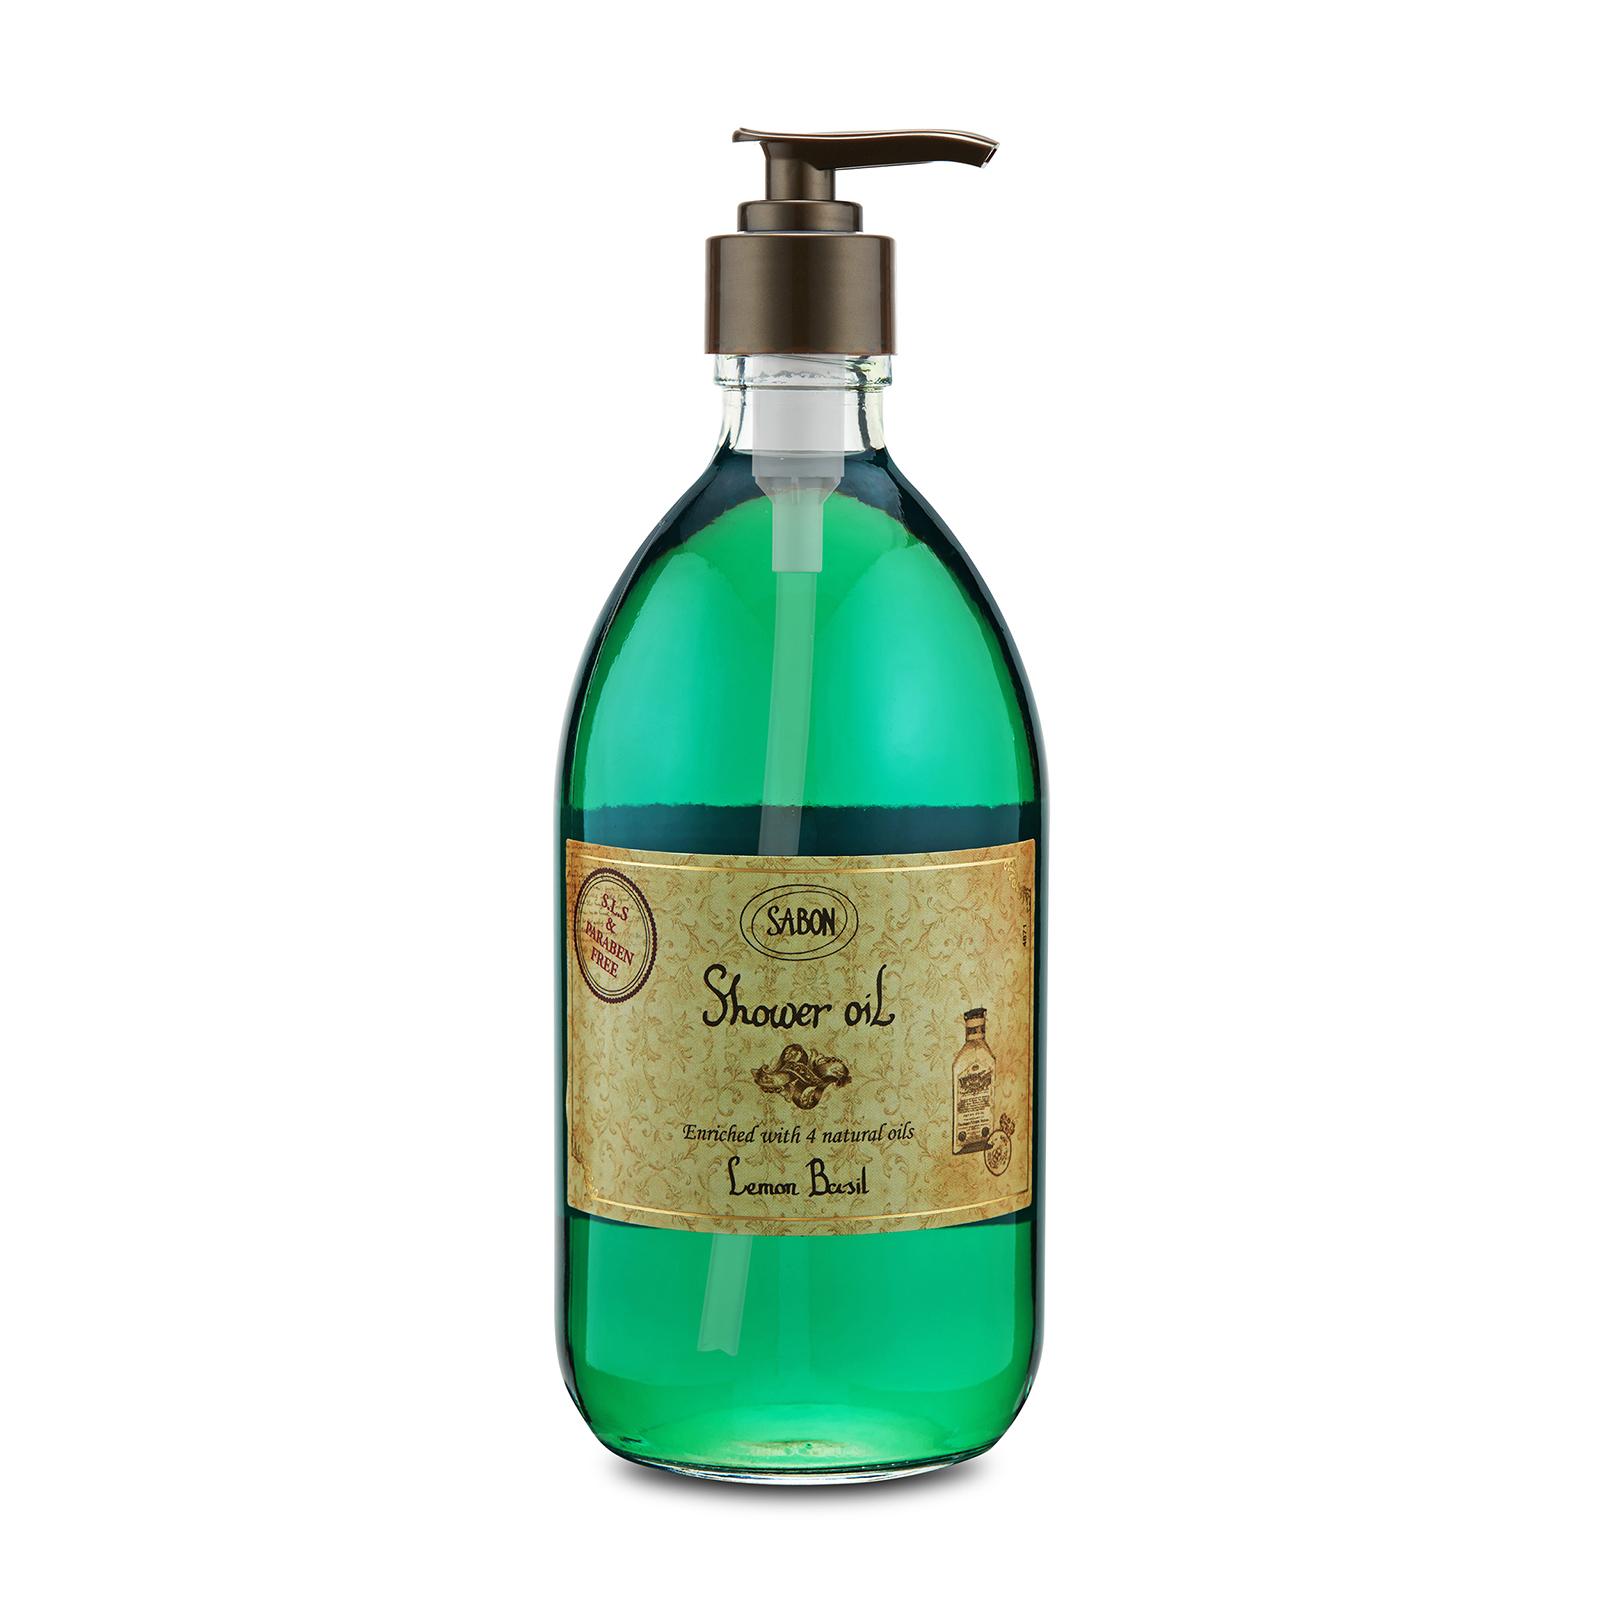 Sabon  Shower Oil Lemon Basil, 17.59oz, 500ml